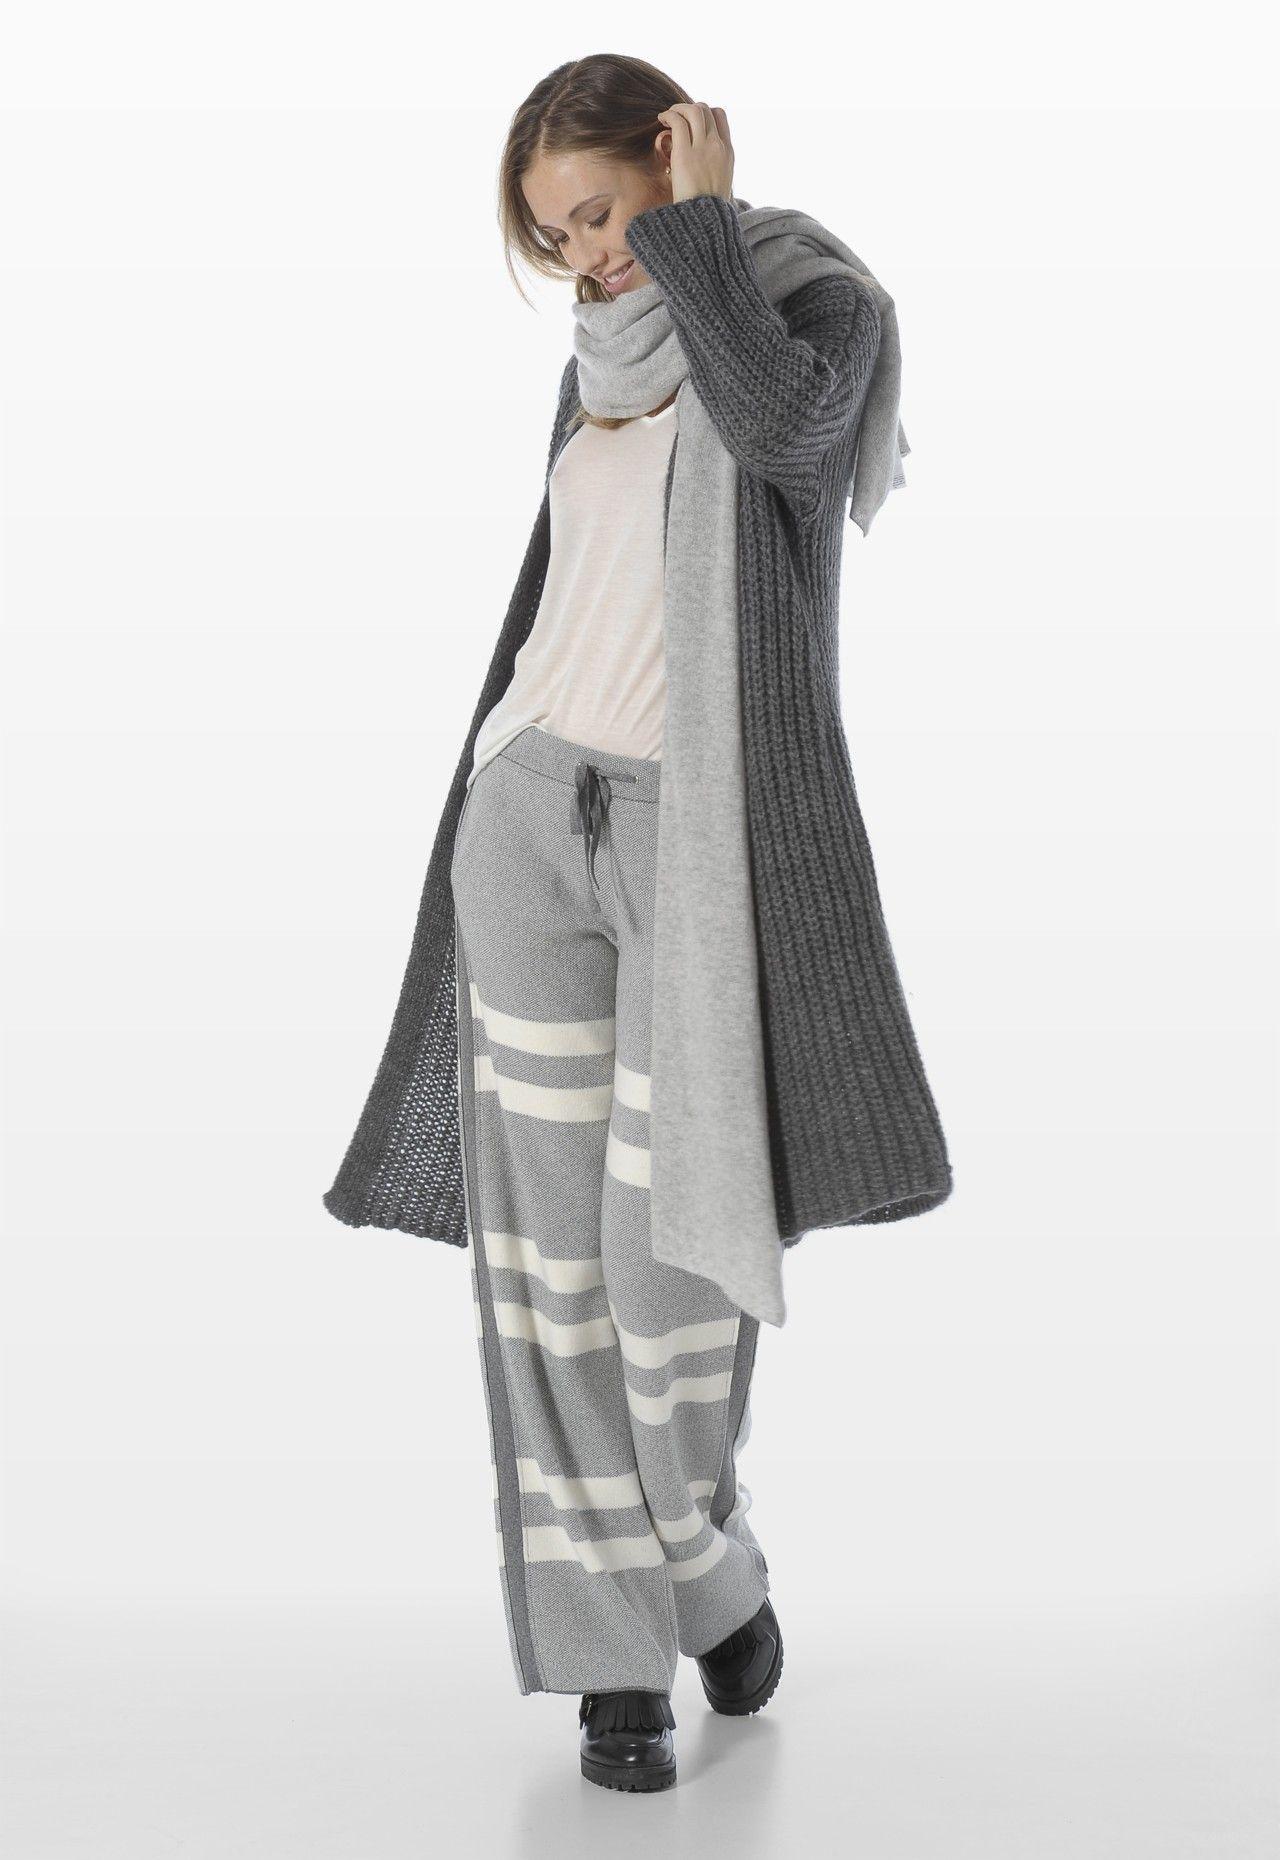 MOHAIR WOOL MAXI CARDIGAN - Knitwear - Woman | Stefanel | STEFANEL ...